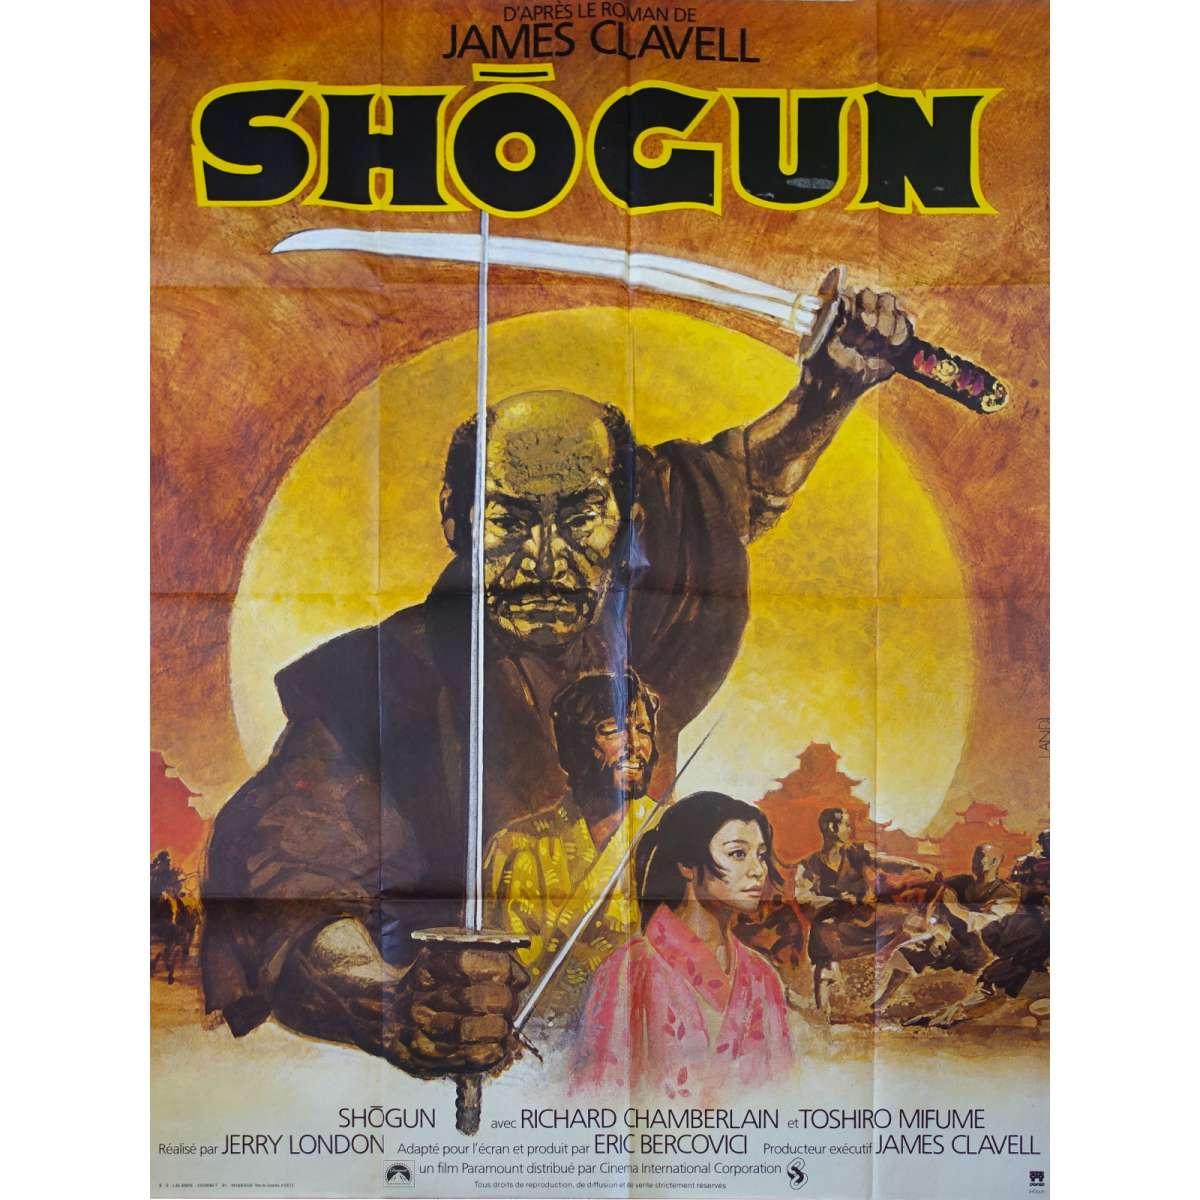 Shogun French Movie Poster 47x63 80 Toshiro Mifune Richard Chamberlain